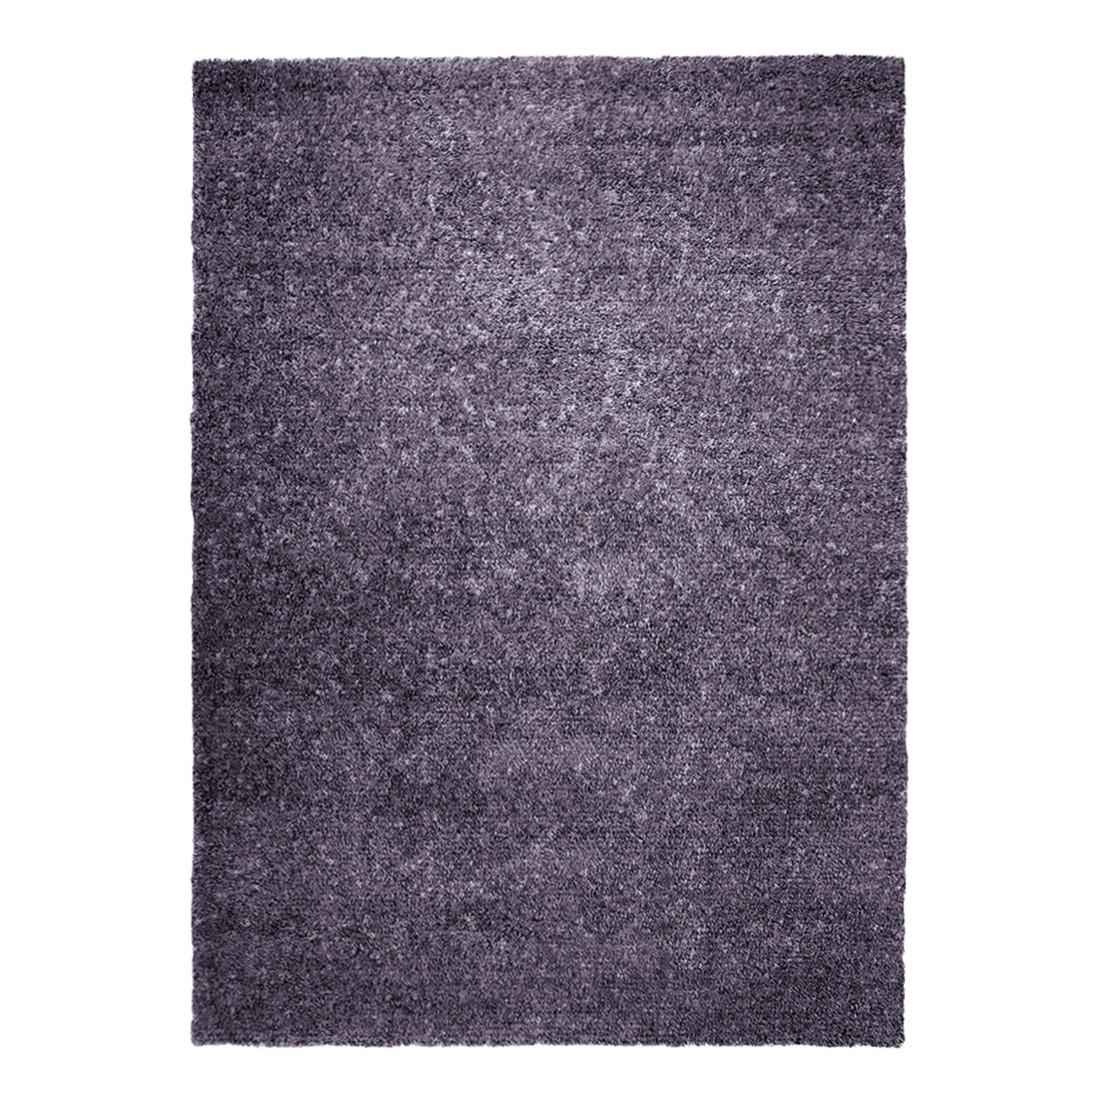 Teppich Spacedyed – Wolle/Anthrazit – 170 cm x 240 cm, Esprit Home online kaufen